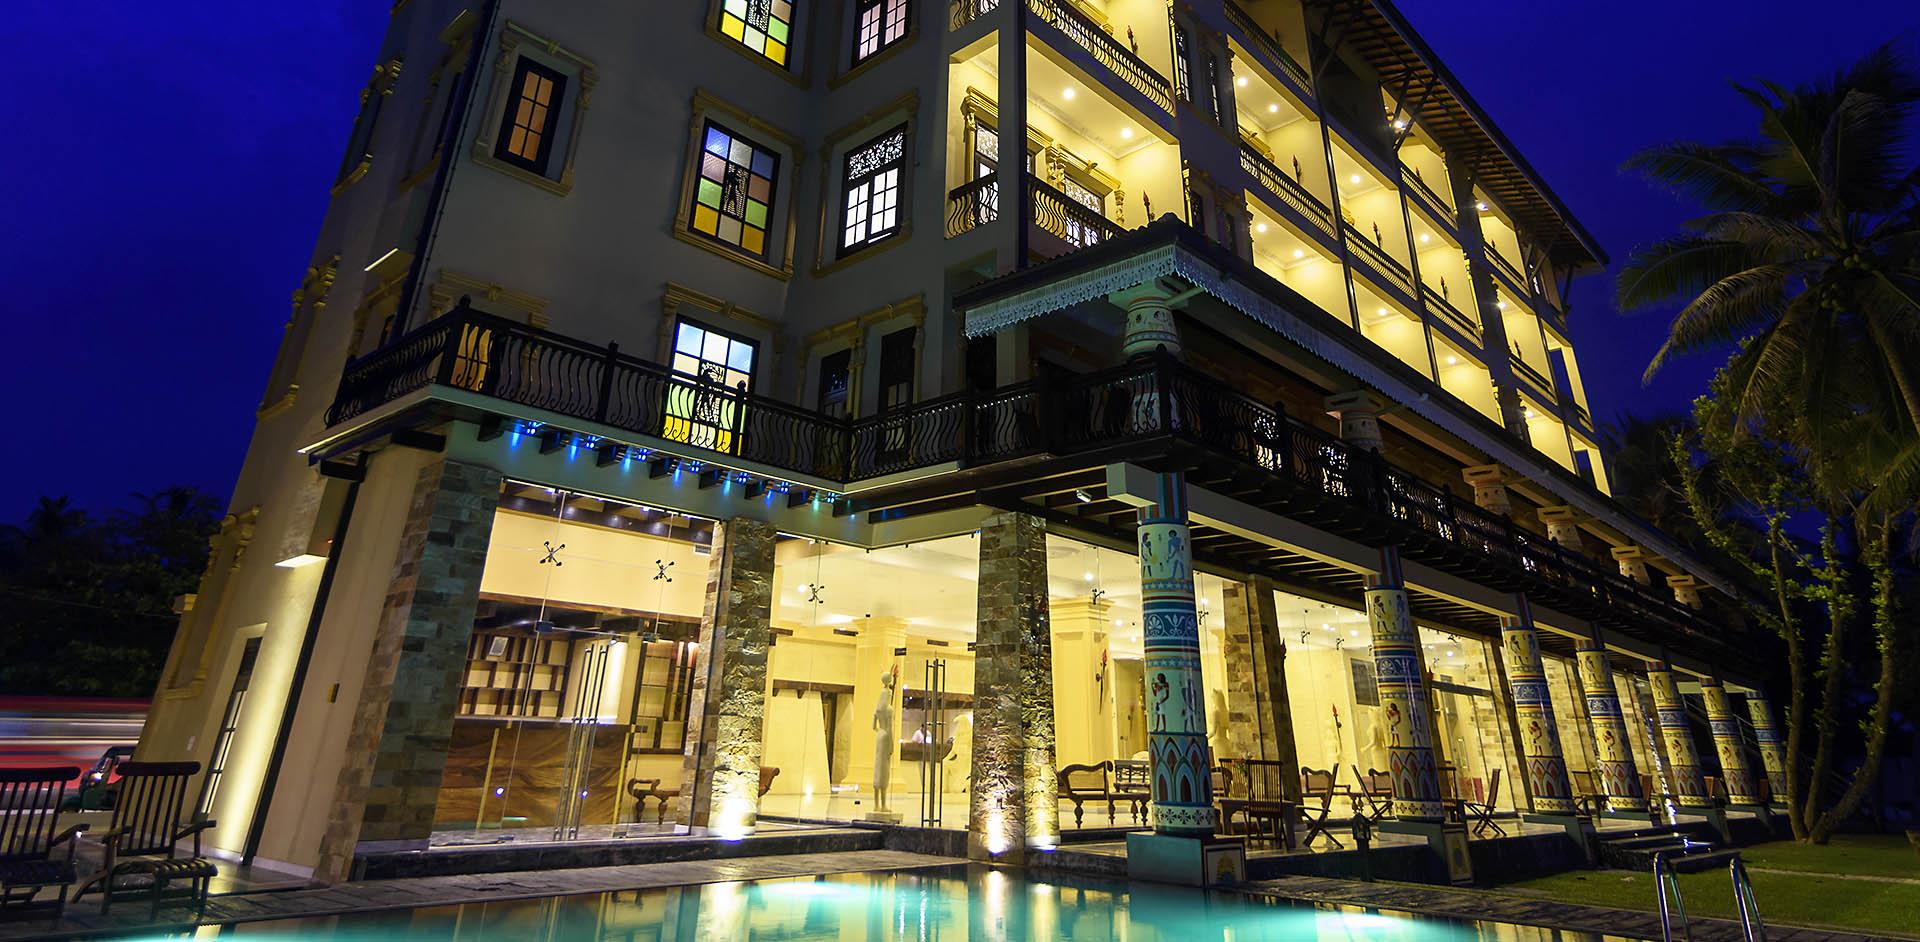 Kabalana-Night-Exterior-Poolside-1920